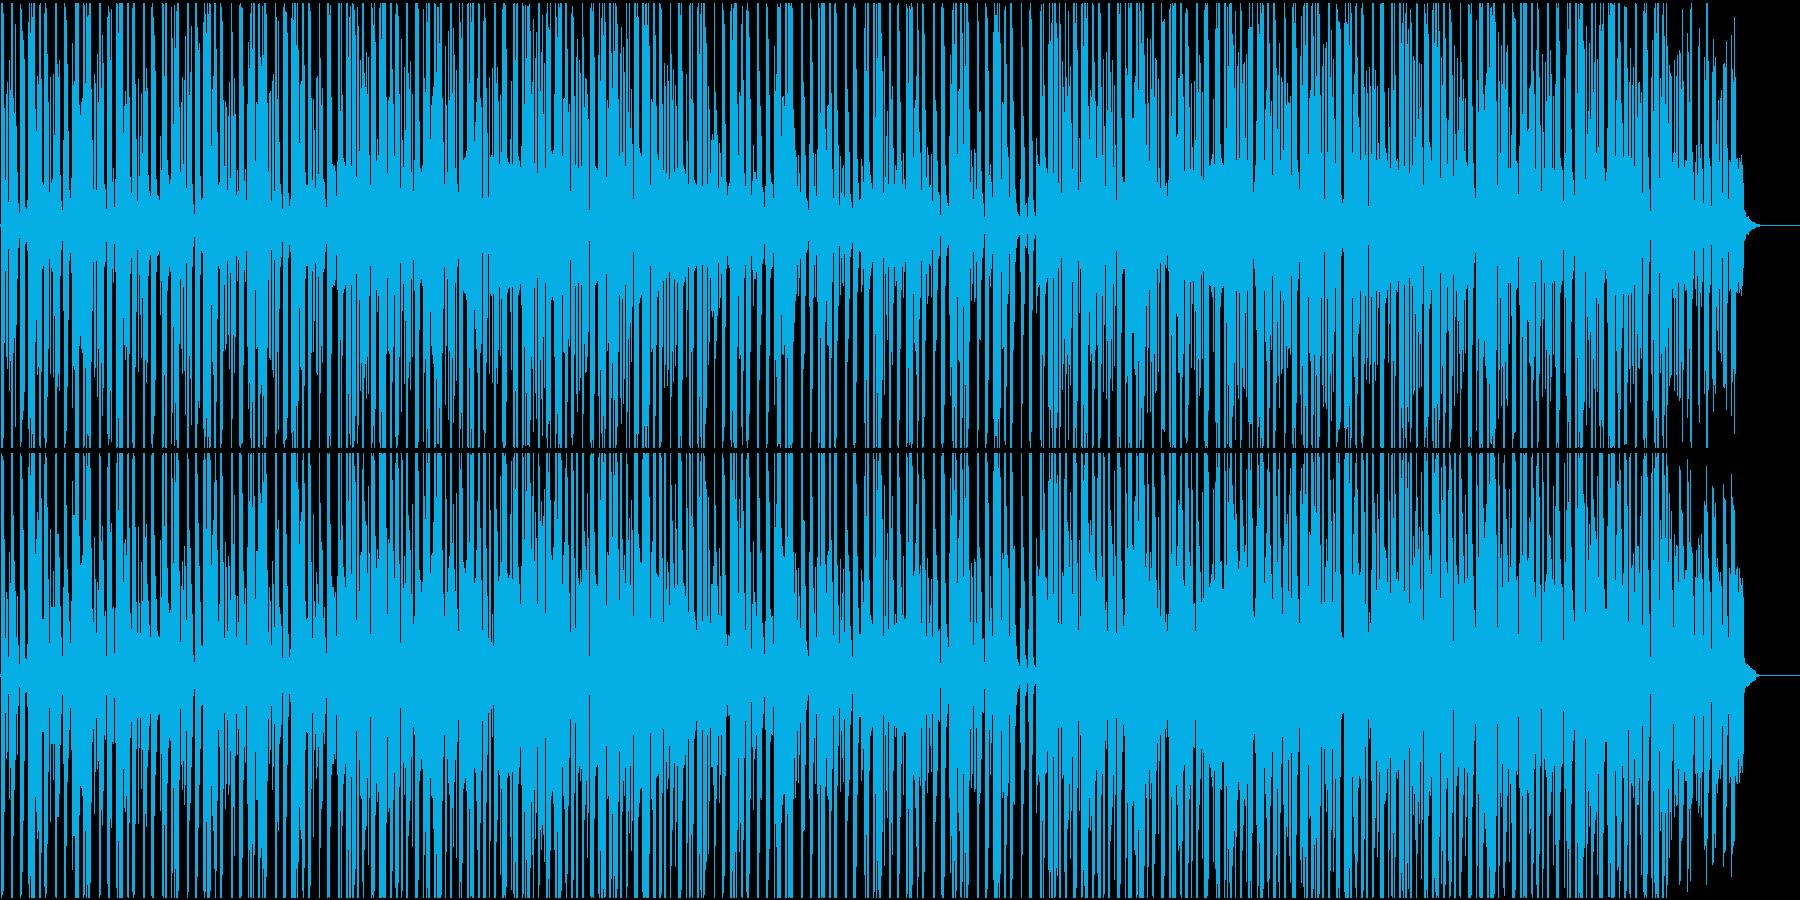 怪しげな雰囲気のファンクの再生済みの波形